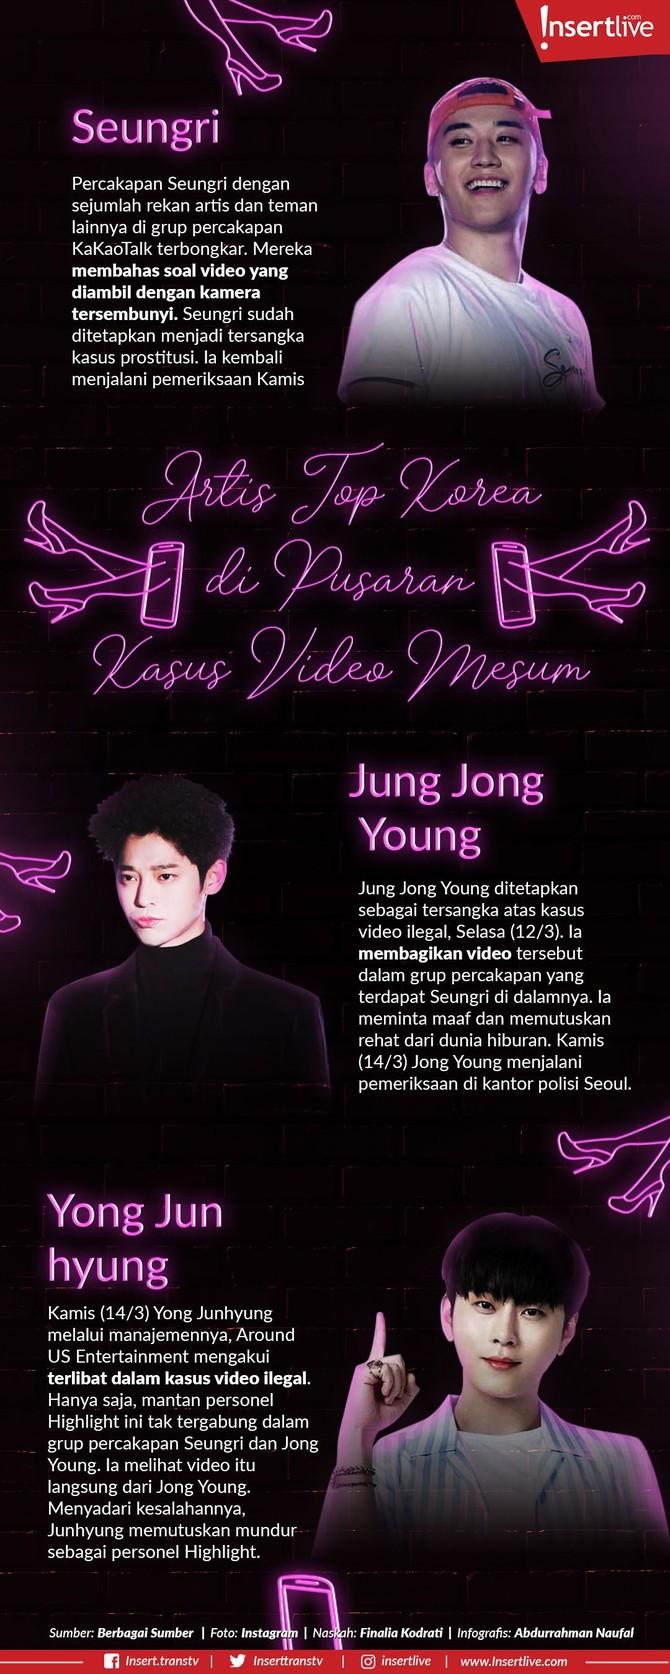 Infografis: Artis Top Korea di Pusaran Kasus Video Mesum